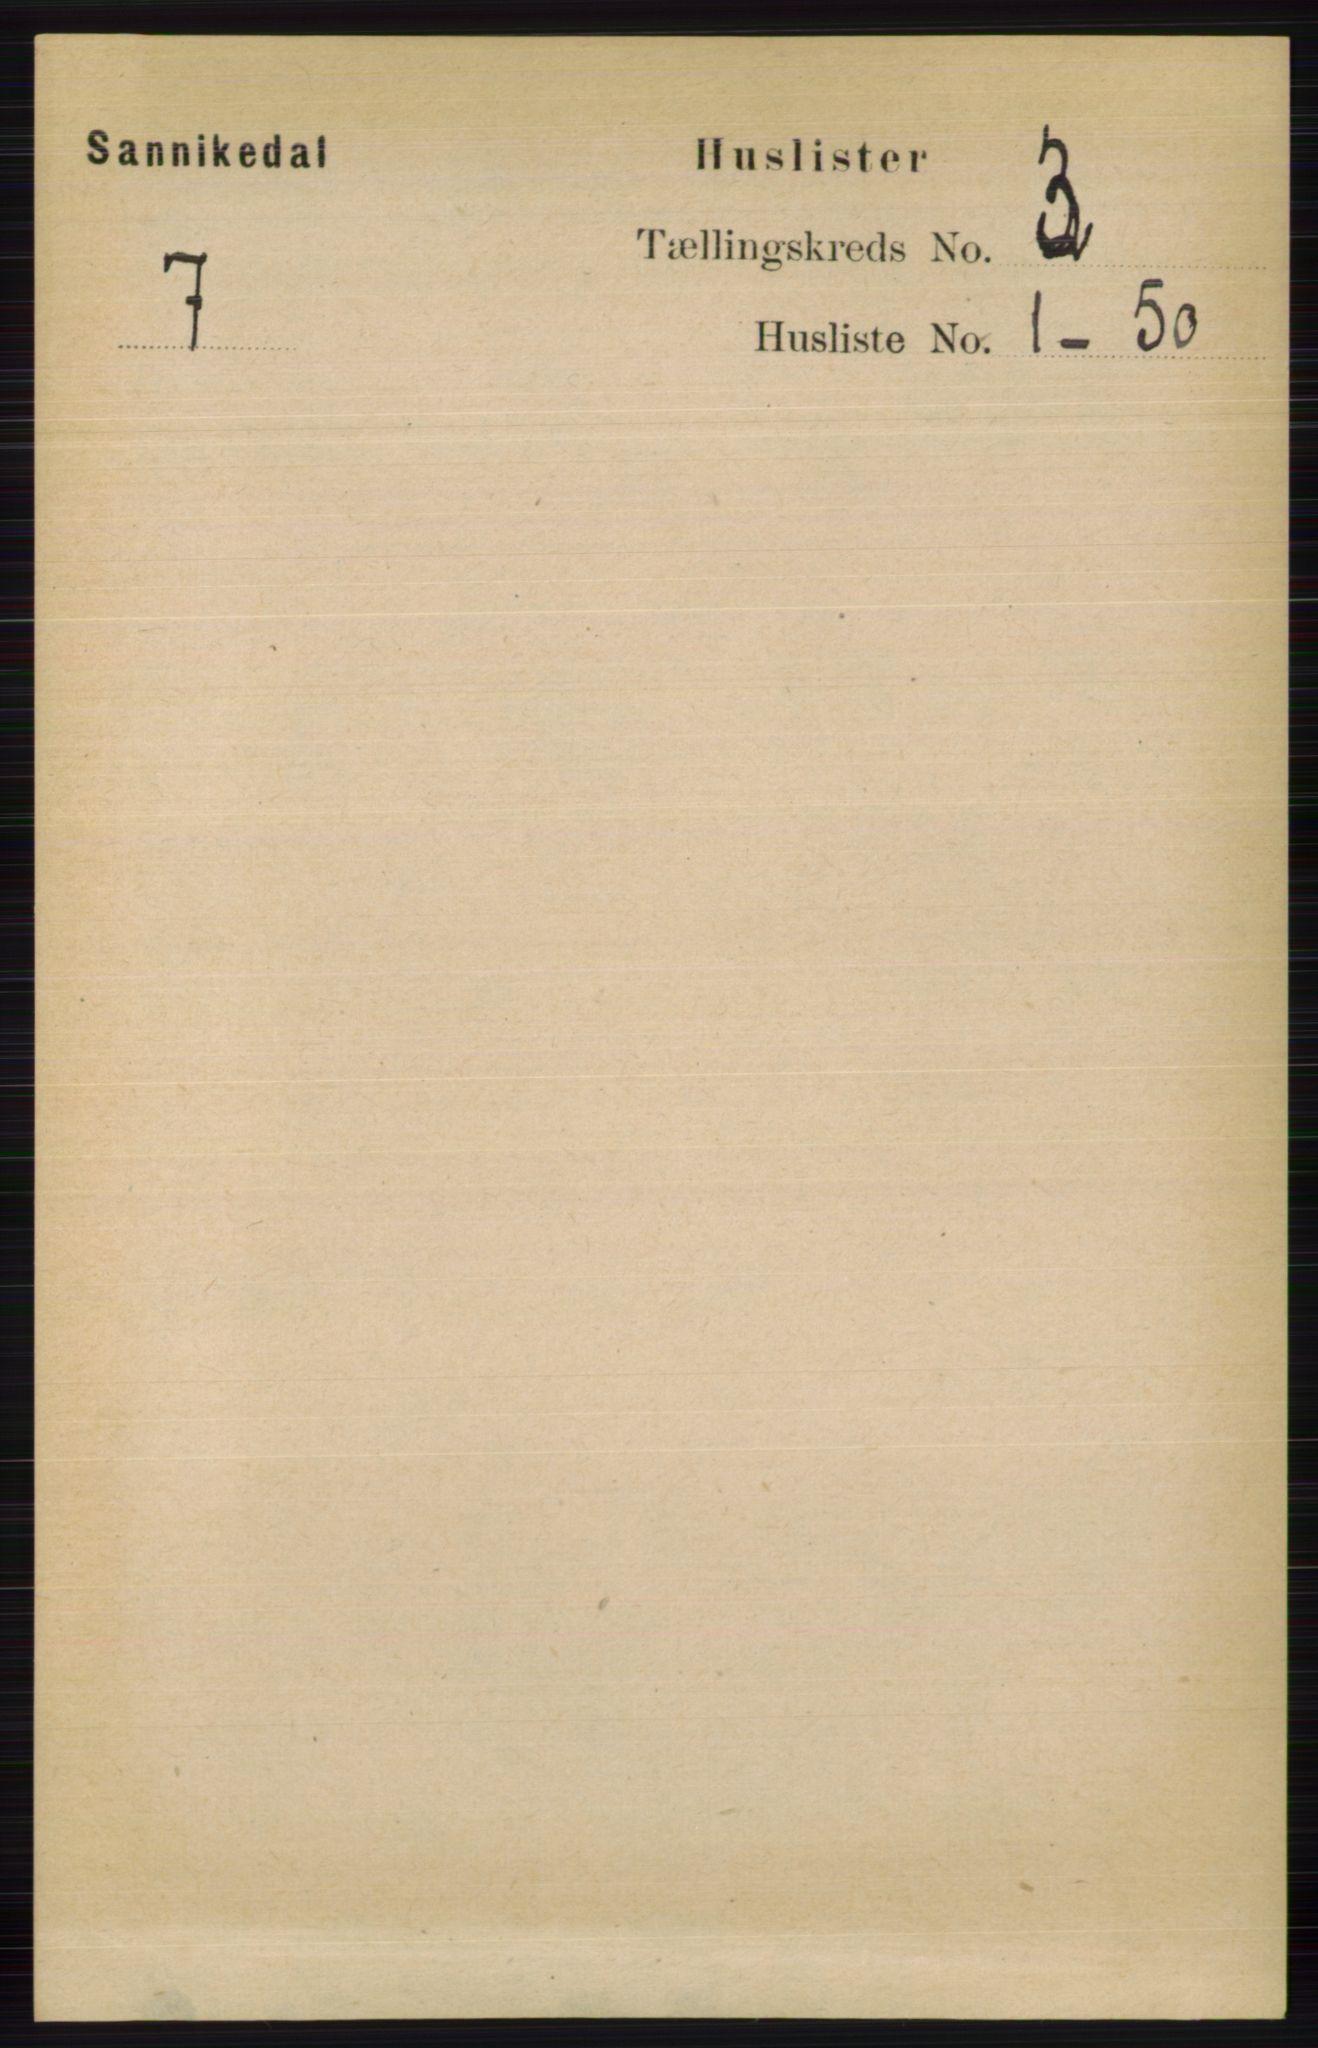 RA, Folketelling 1891 for 0816 Sannidal herred, 1891, s. 739